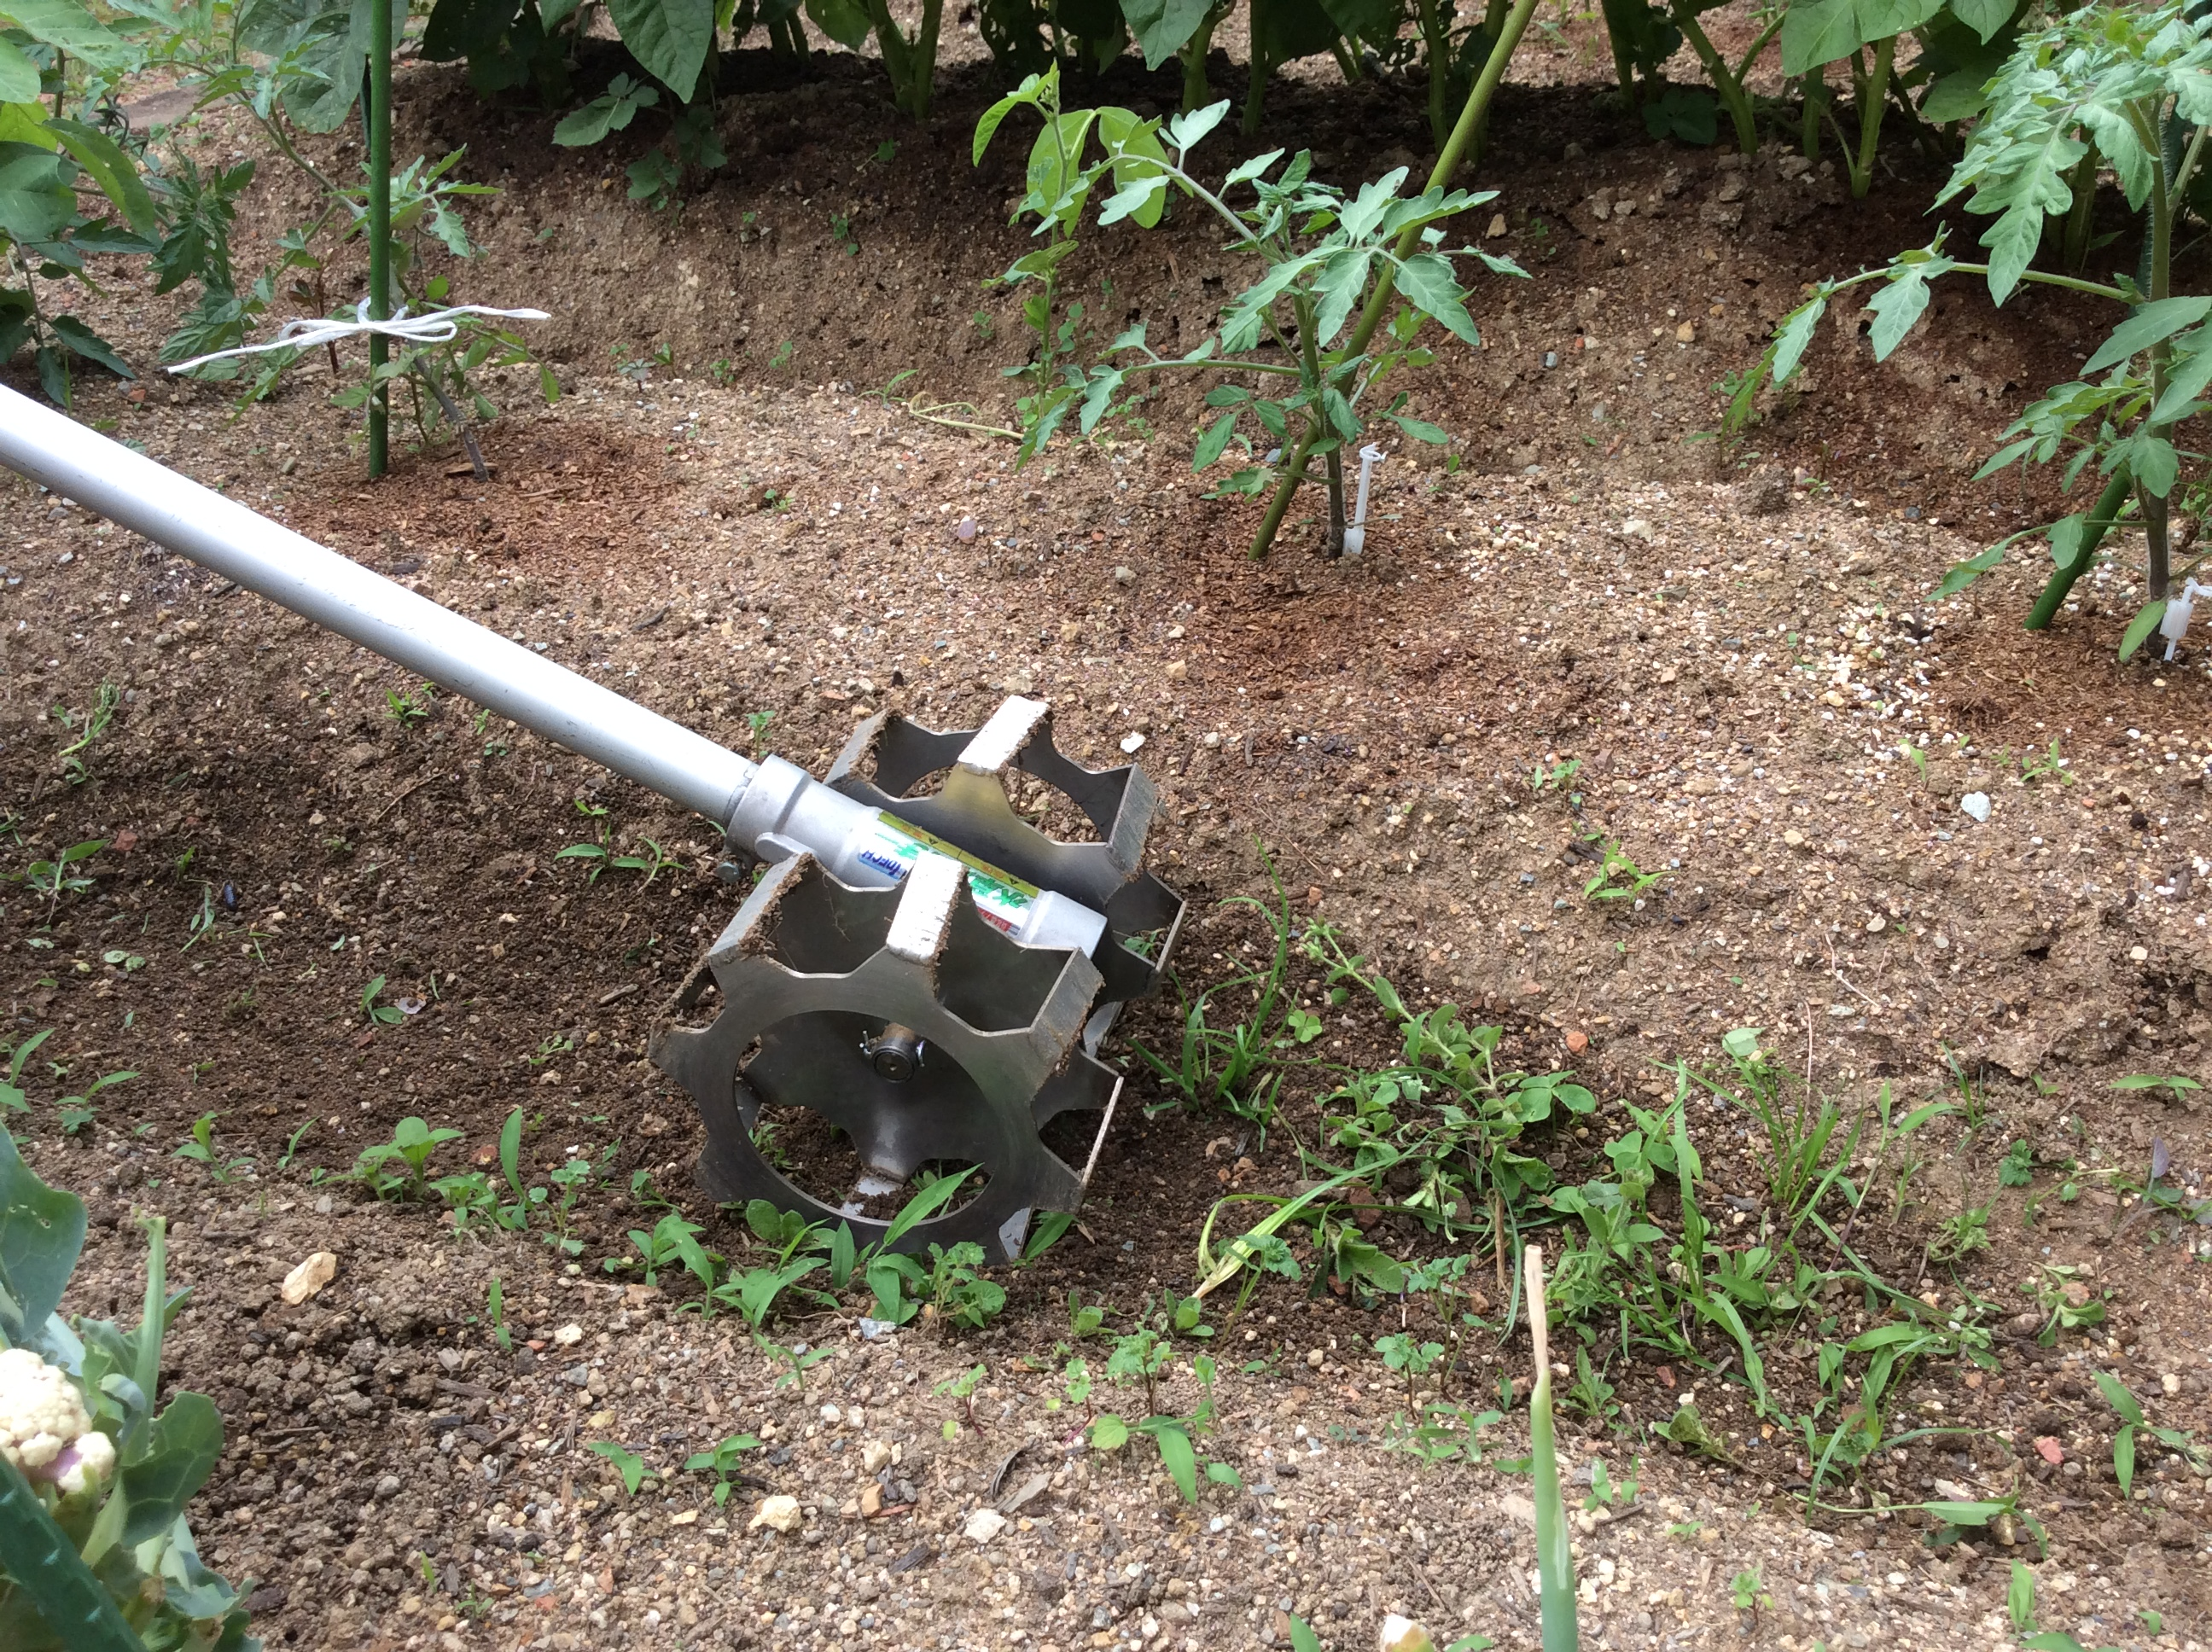 3.畑やグラウンド、庭の草削りにも使用可能